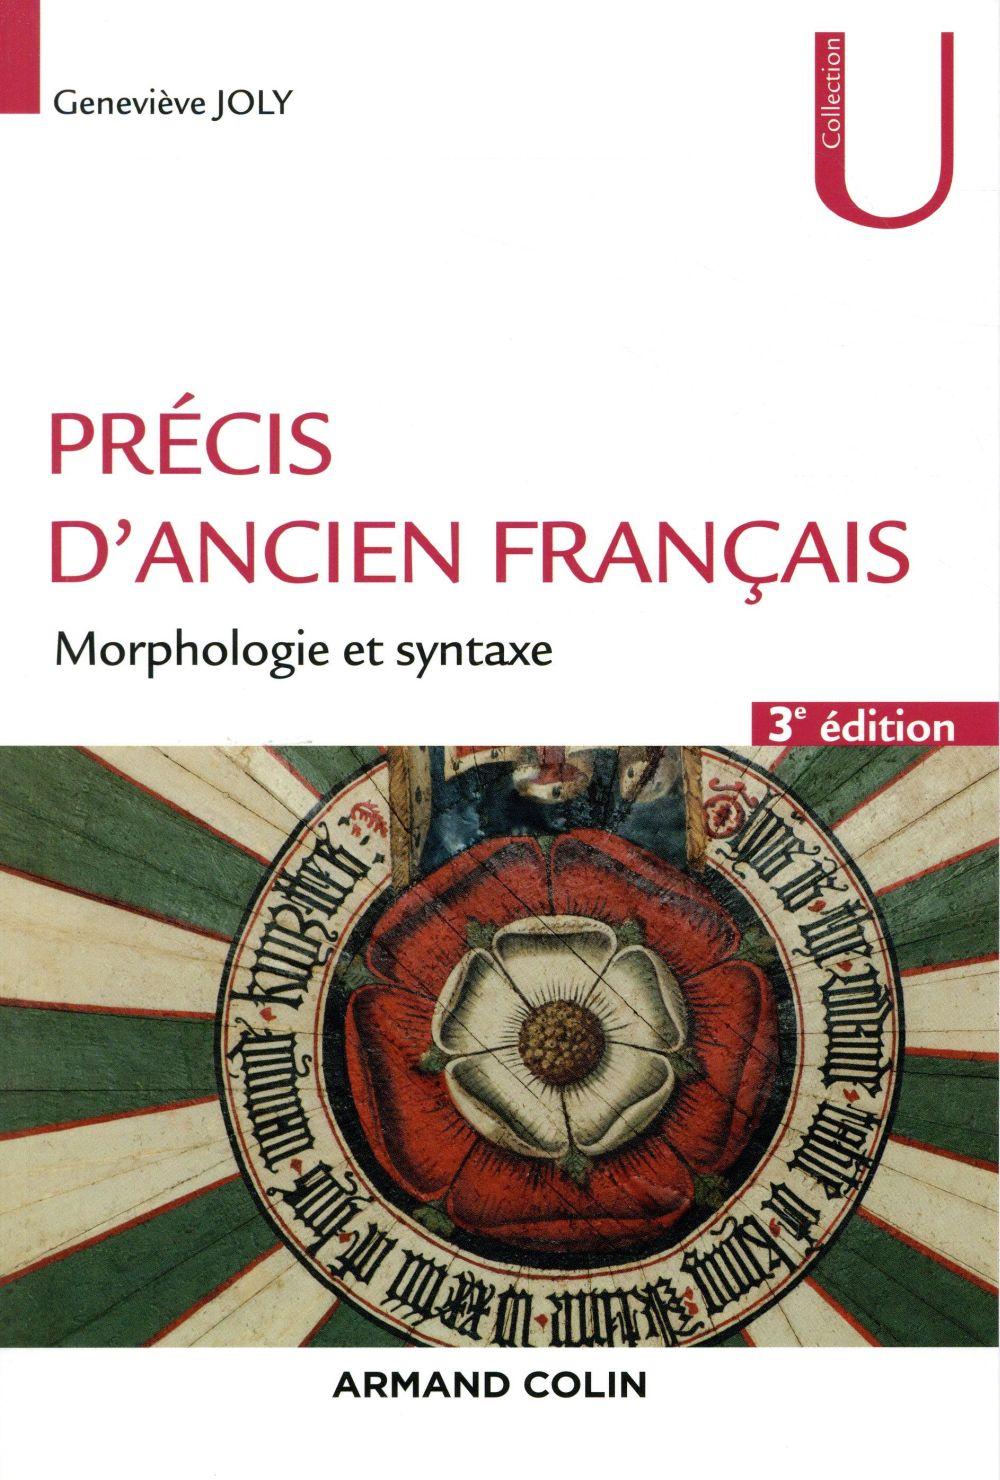 PRECIS D'ANCIEN FRANCAIS  -  MORPHOLOGIE ET SYNTAXE (3E EDITION)